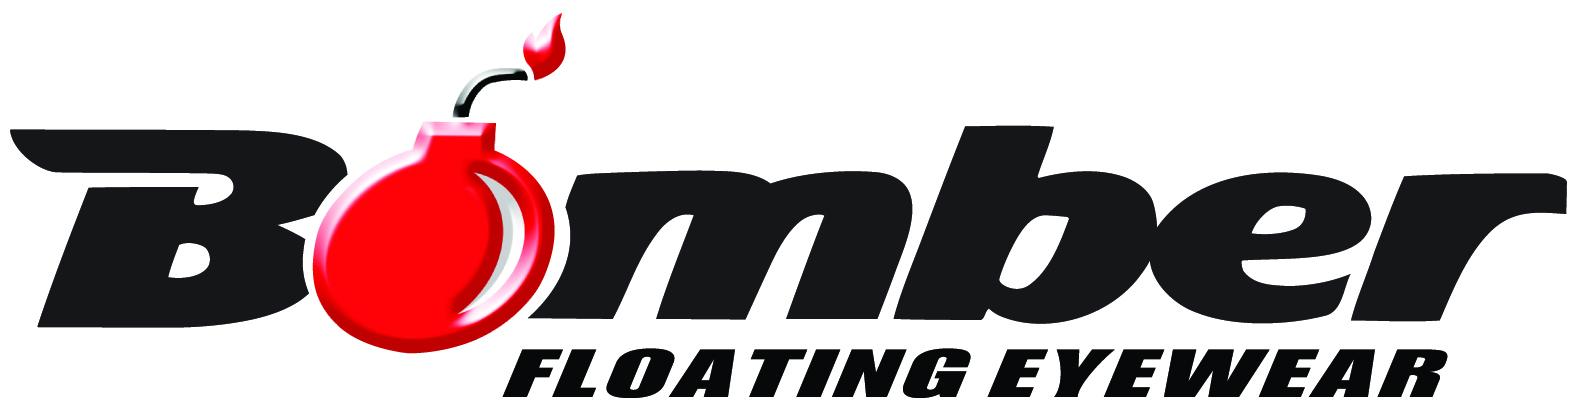 Bomber_LOGO_float_wOutline.jpg